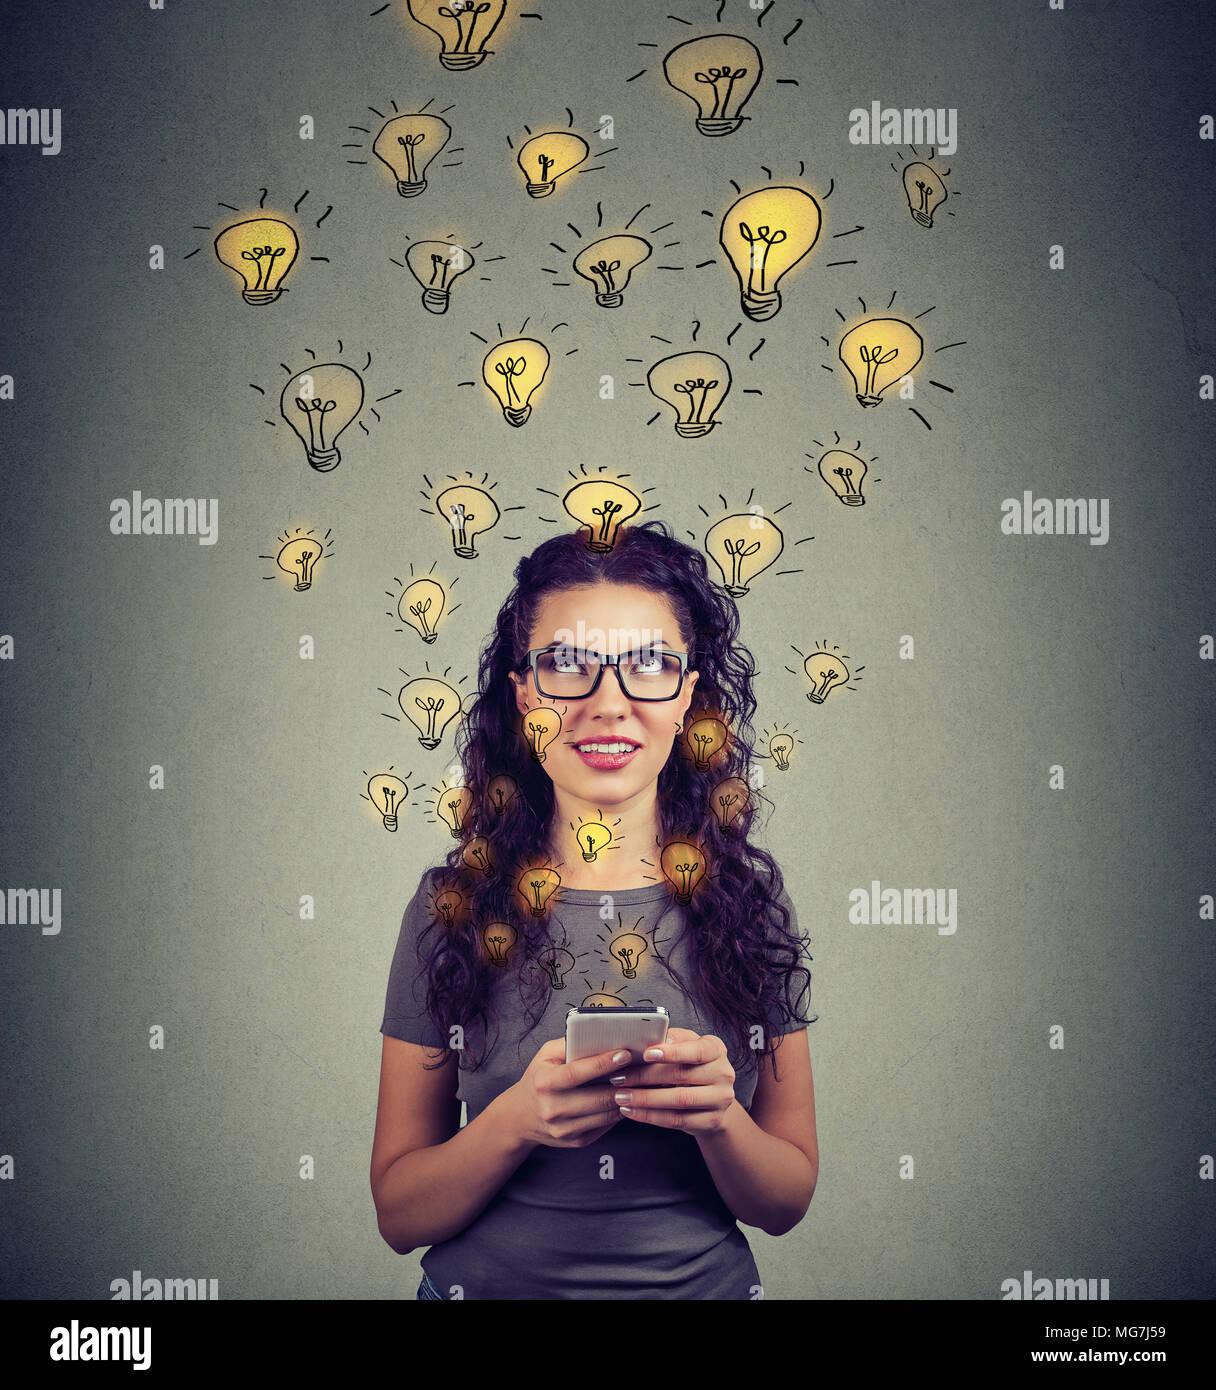 Junge Frau in Brillen holding Smartphone hat viele erfolgreiche Ideen. Stockbild